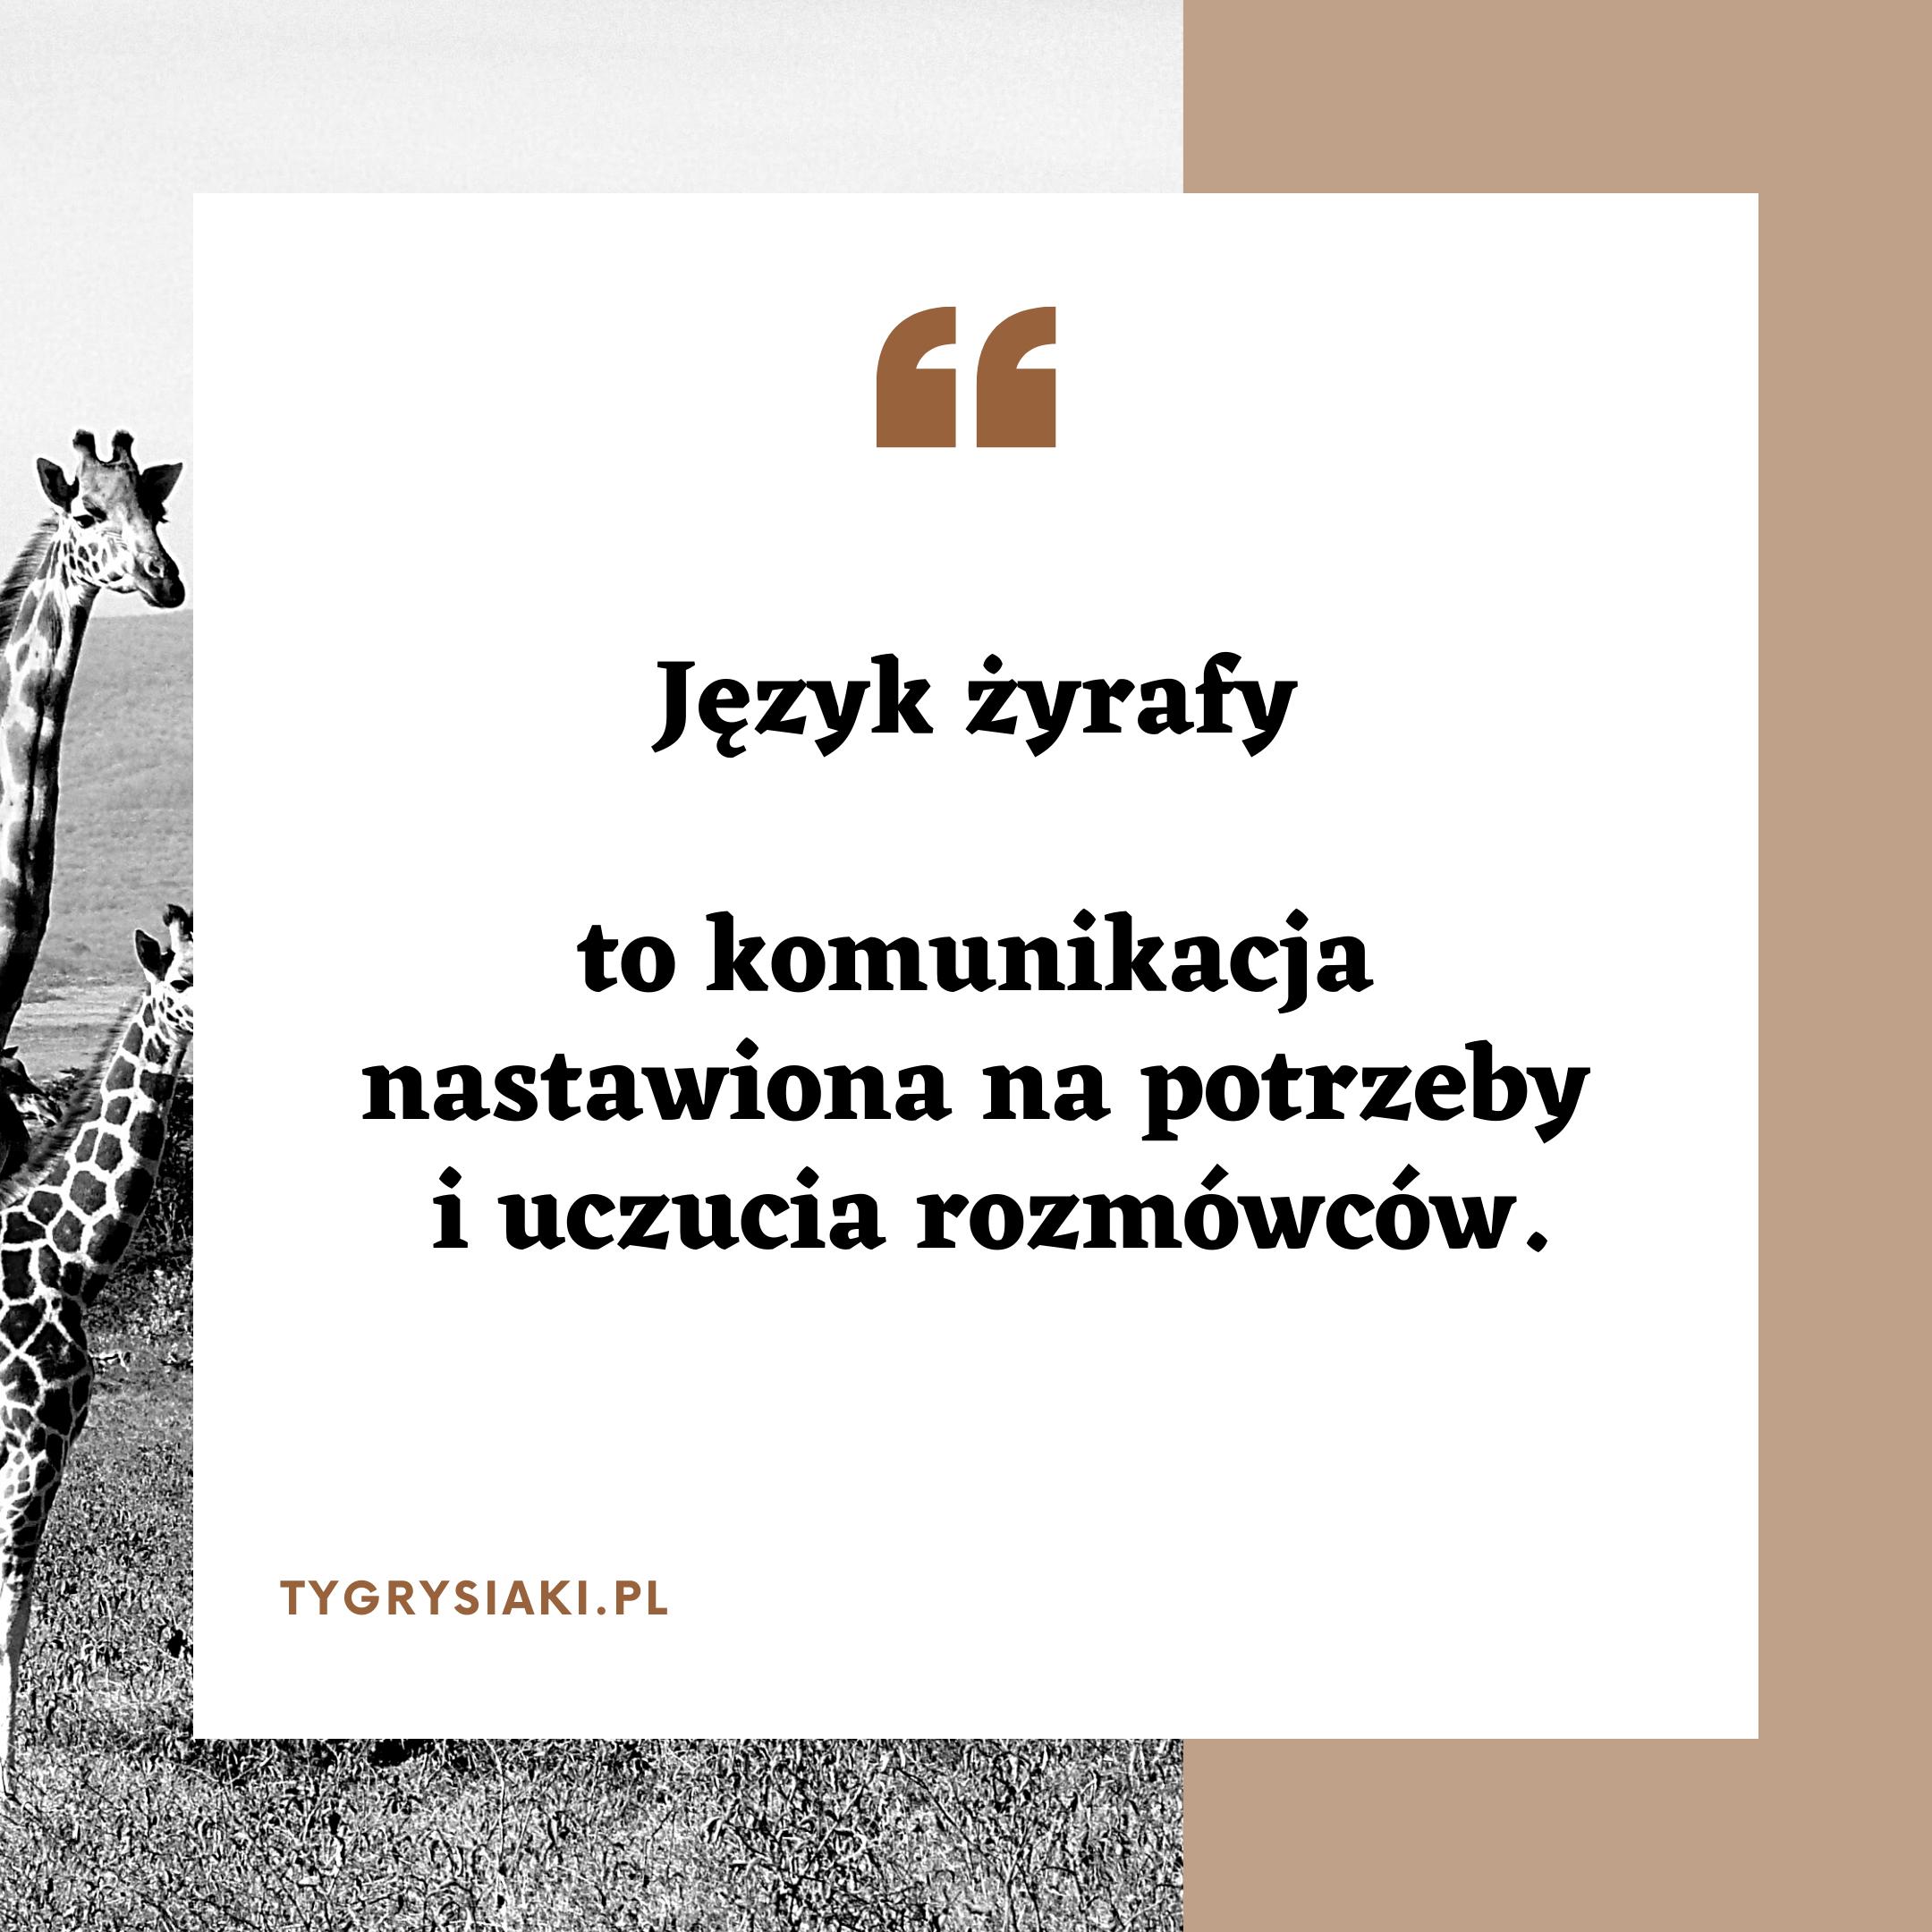 co-to-jest-jezyk-zyrafy